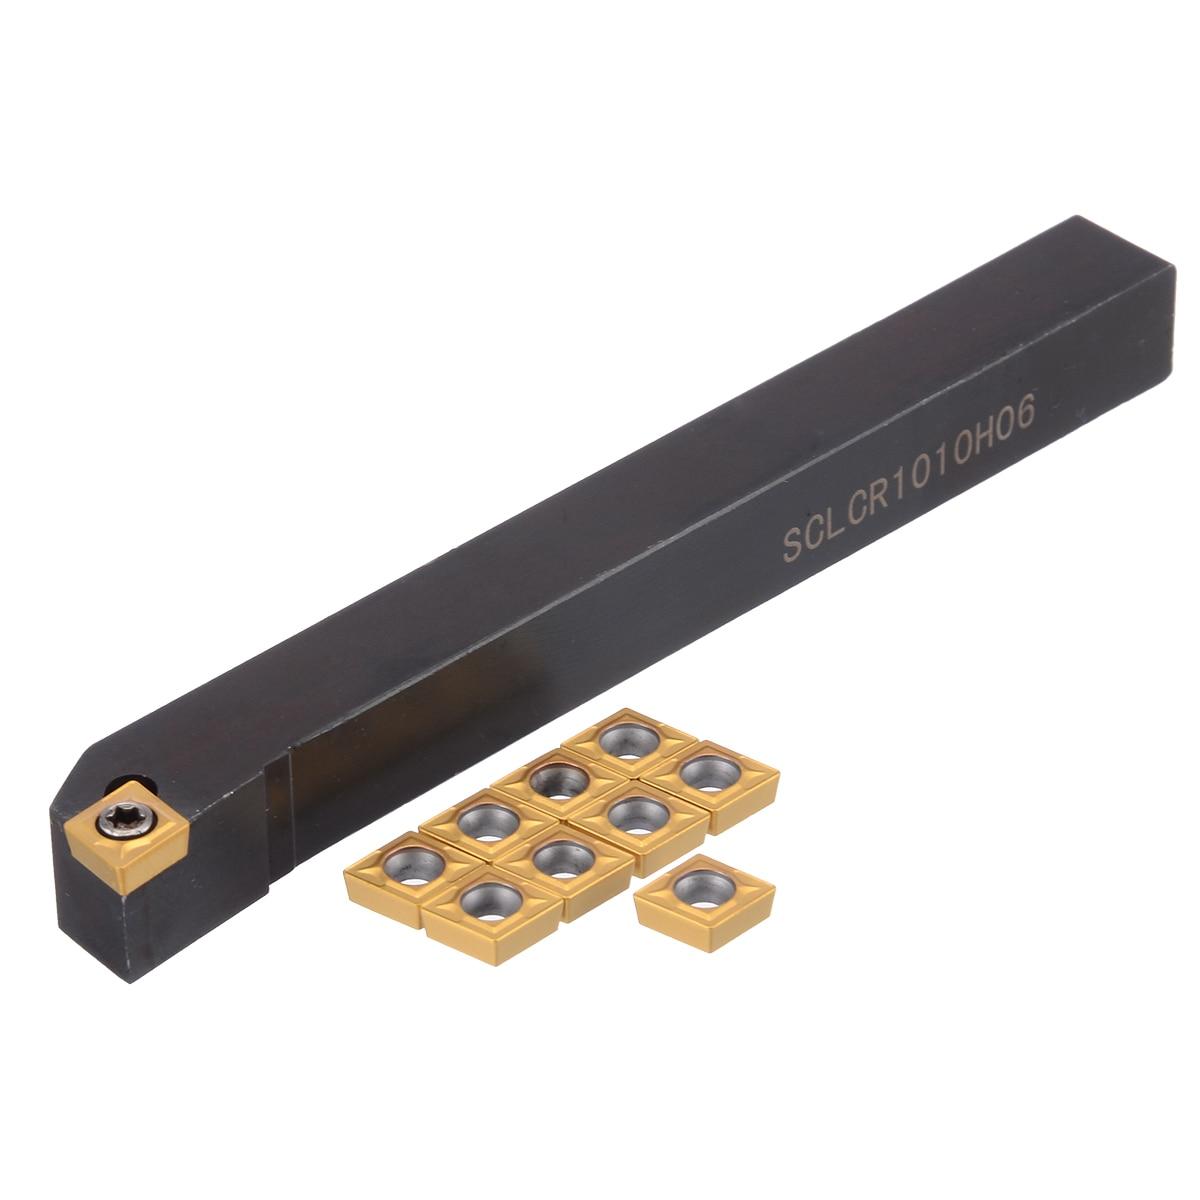 Praktische Drehmaschine Drehen Werkzeug 1pc SCLCR1010H06 Langweilig Bar + 10 stücke CCMT0602 Einsätze + 1pc Schlüssel